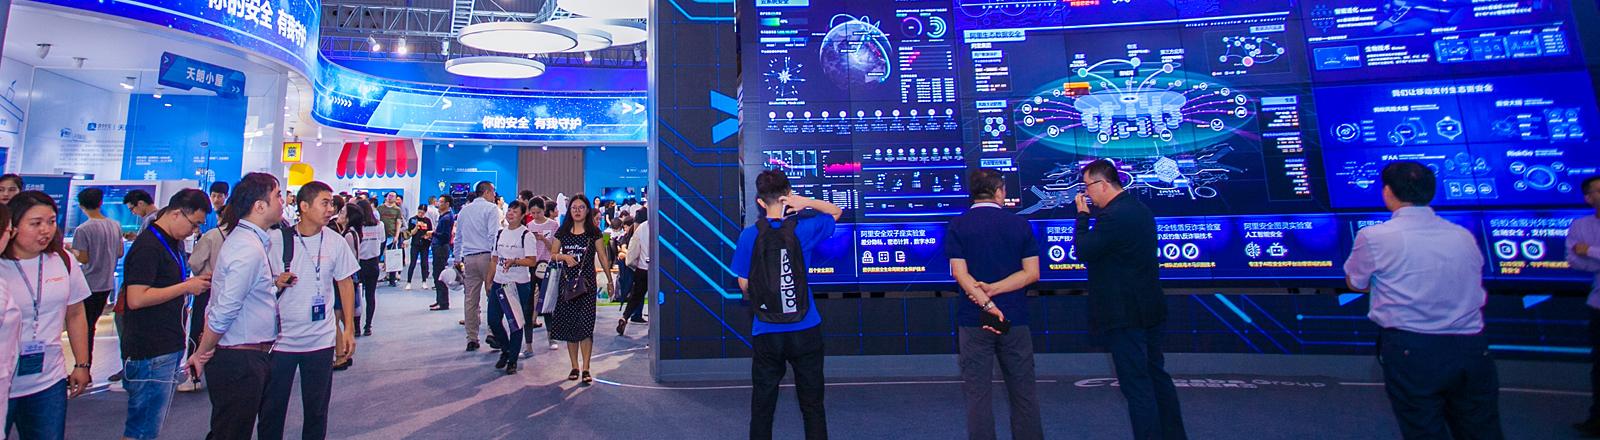 Menschen auf einer Digitalmesse